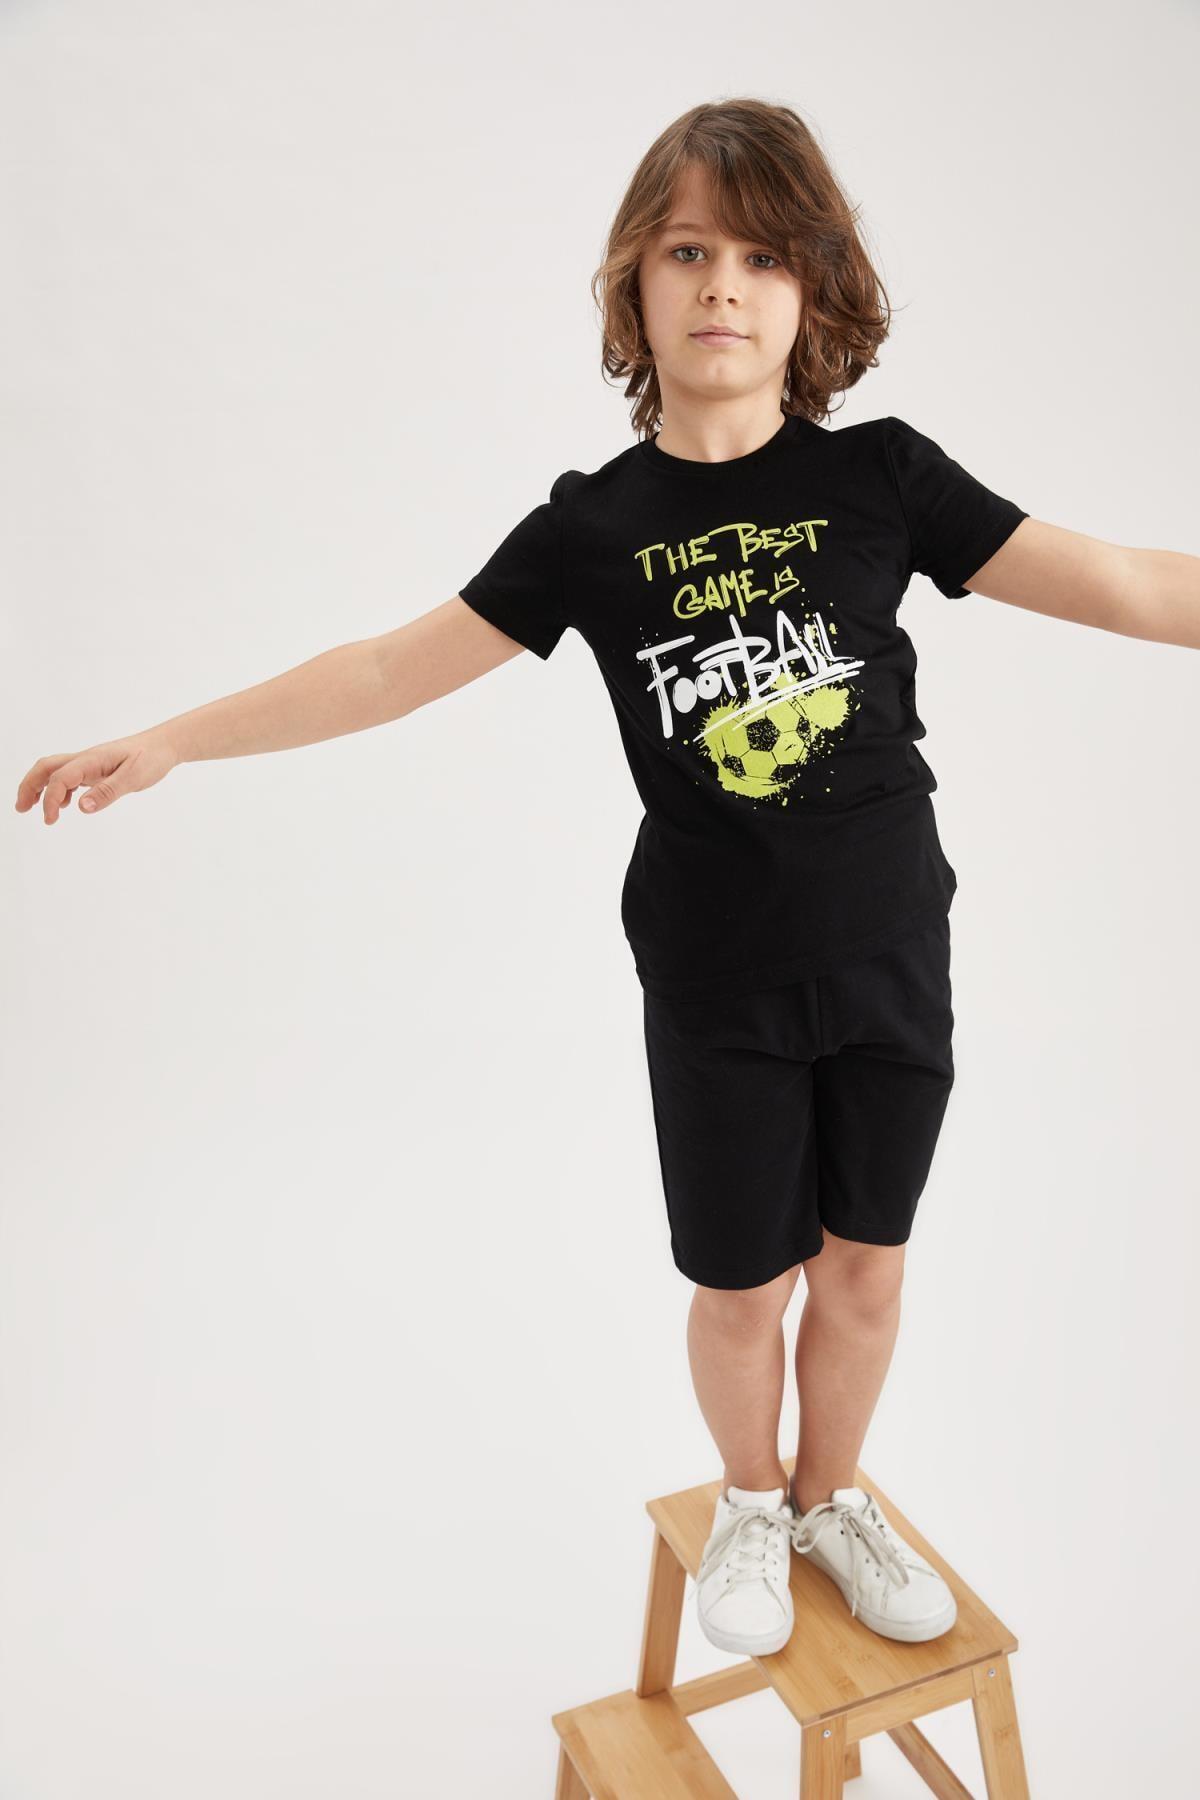 Erkek Çocuk Baskılı Kısa Kol Tişört ve Şort Takımı